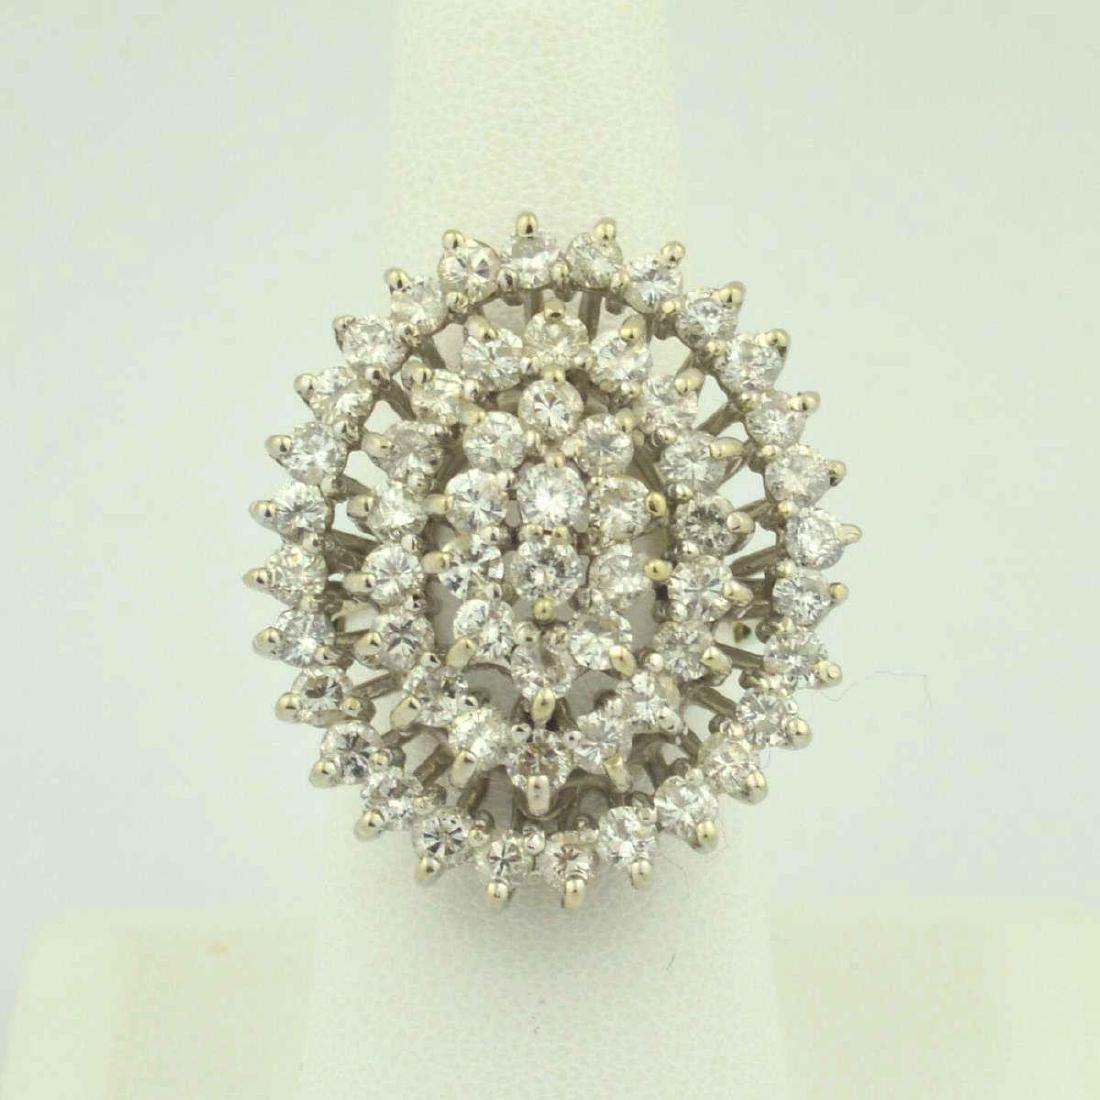 14kt white gold diamond cocktail ring